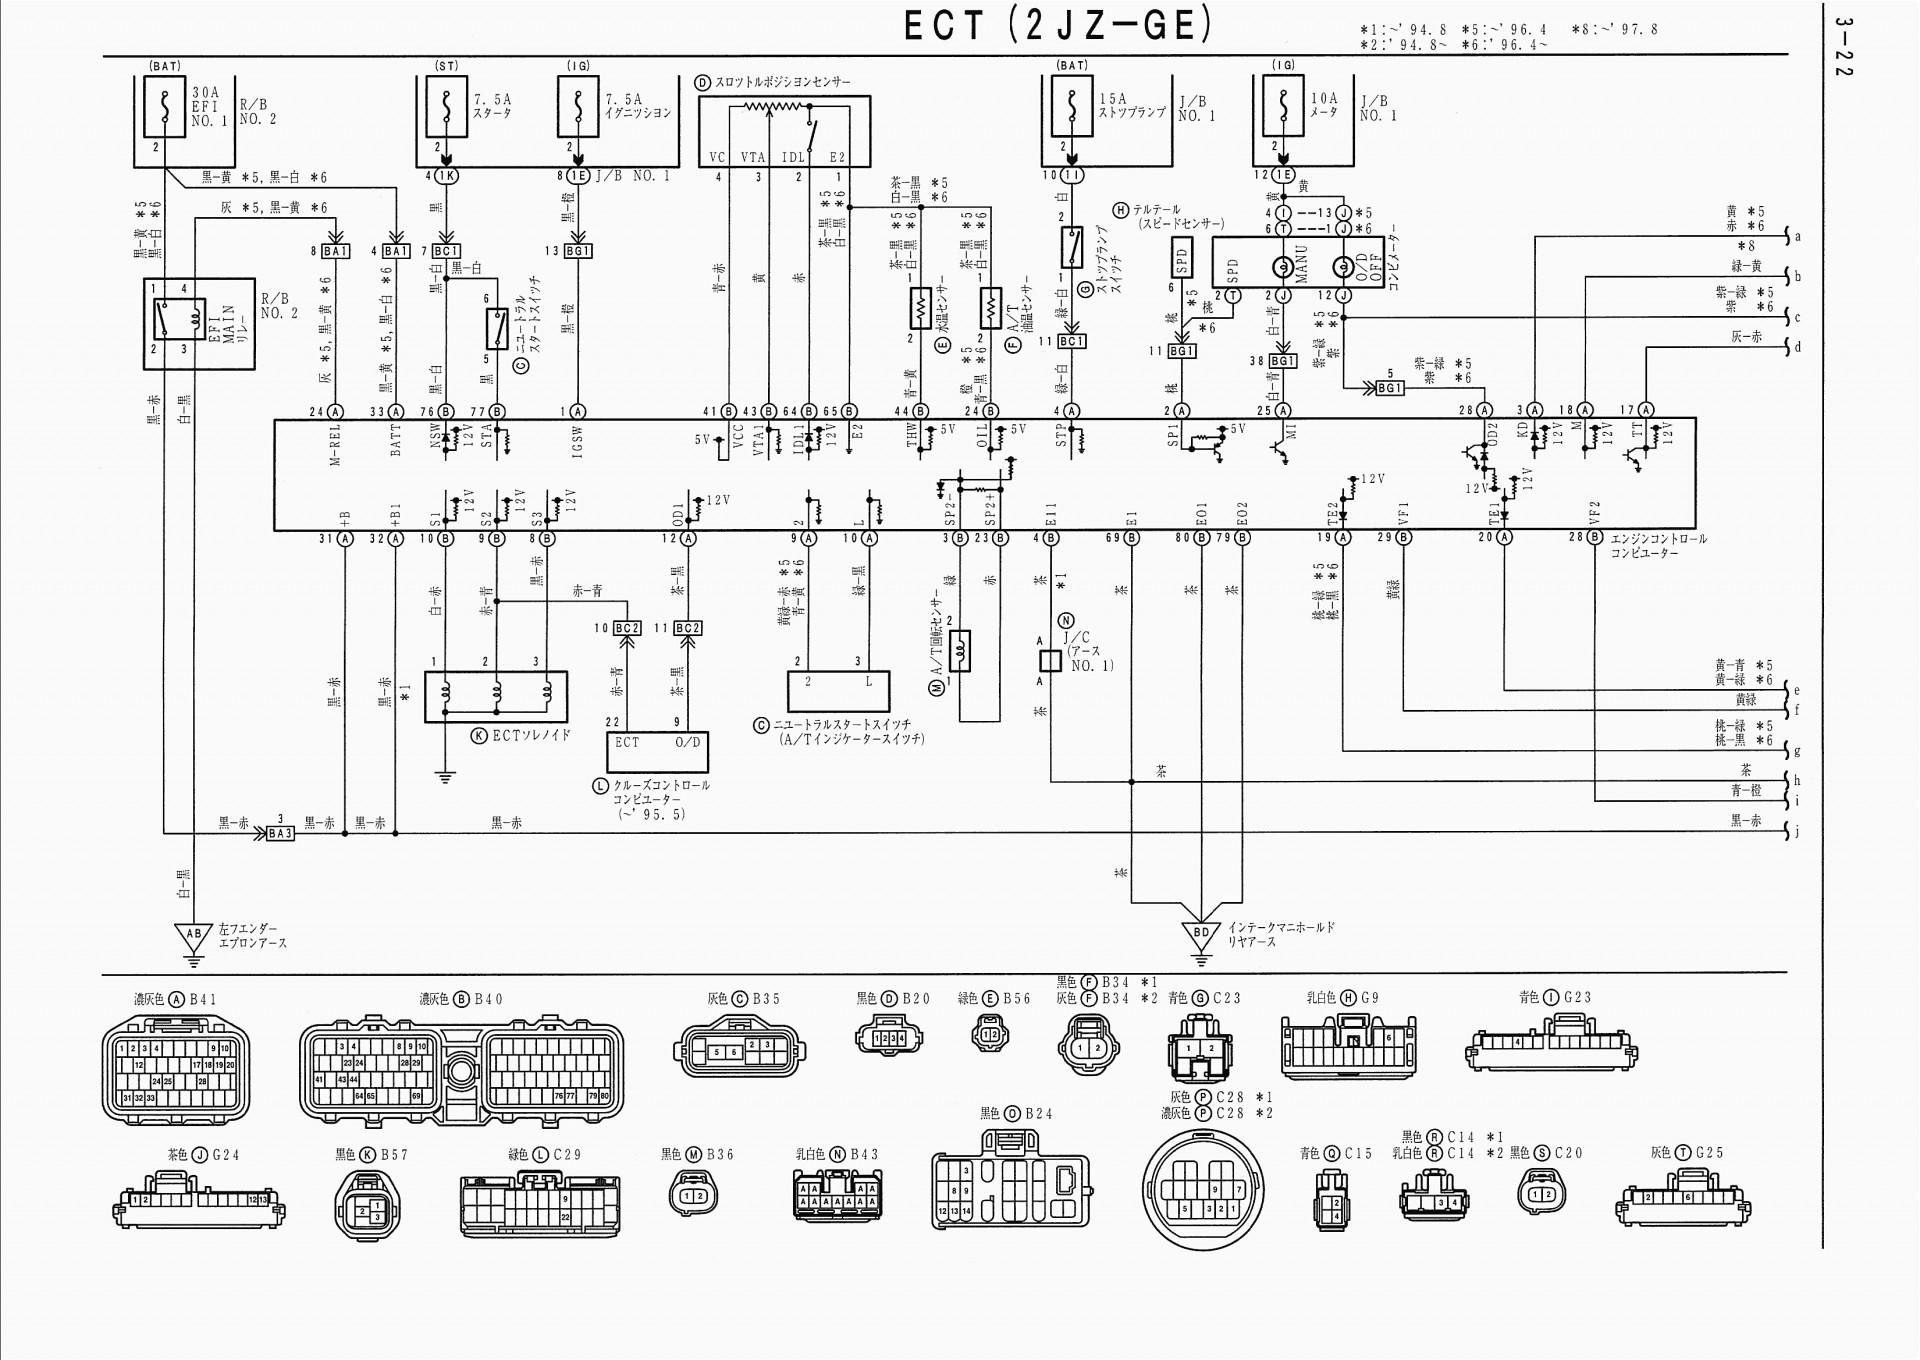 kenmore microwave wiring diagrams